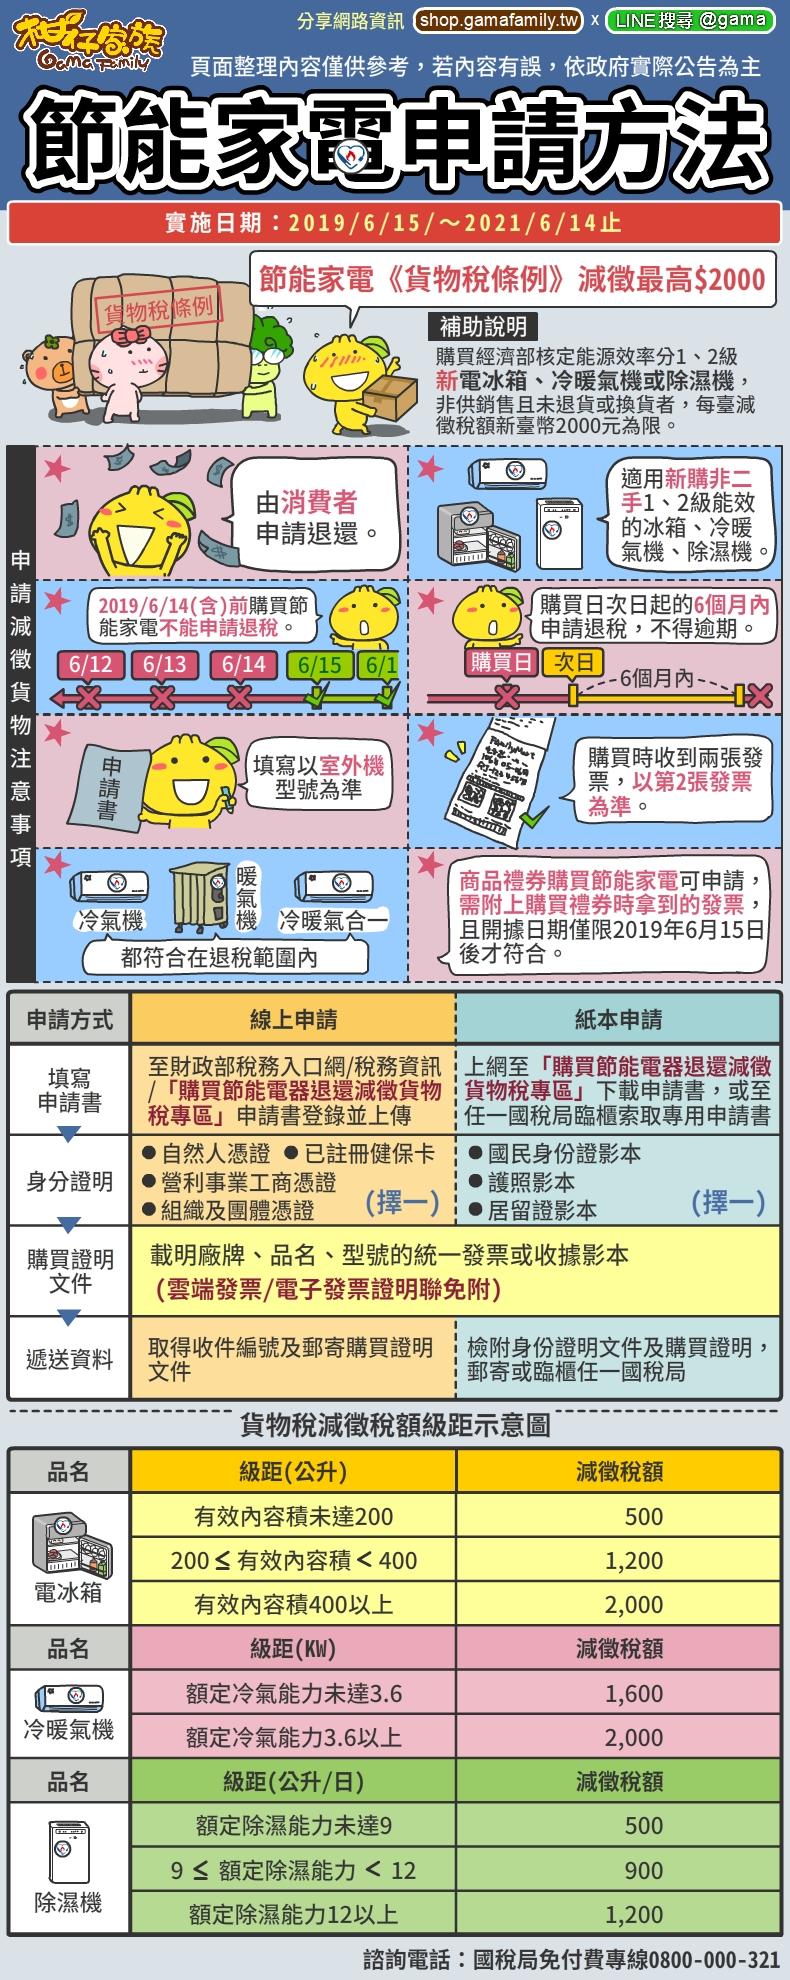 貨物稅節能補助申請流程